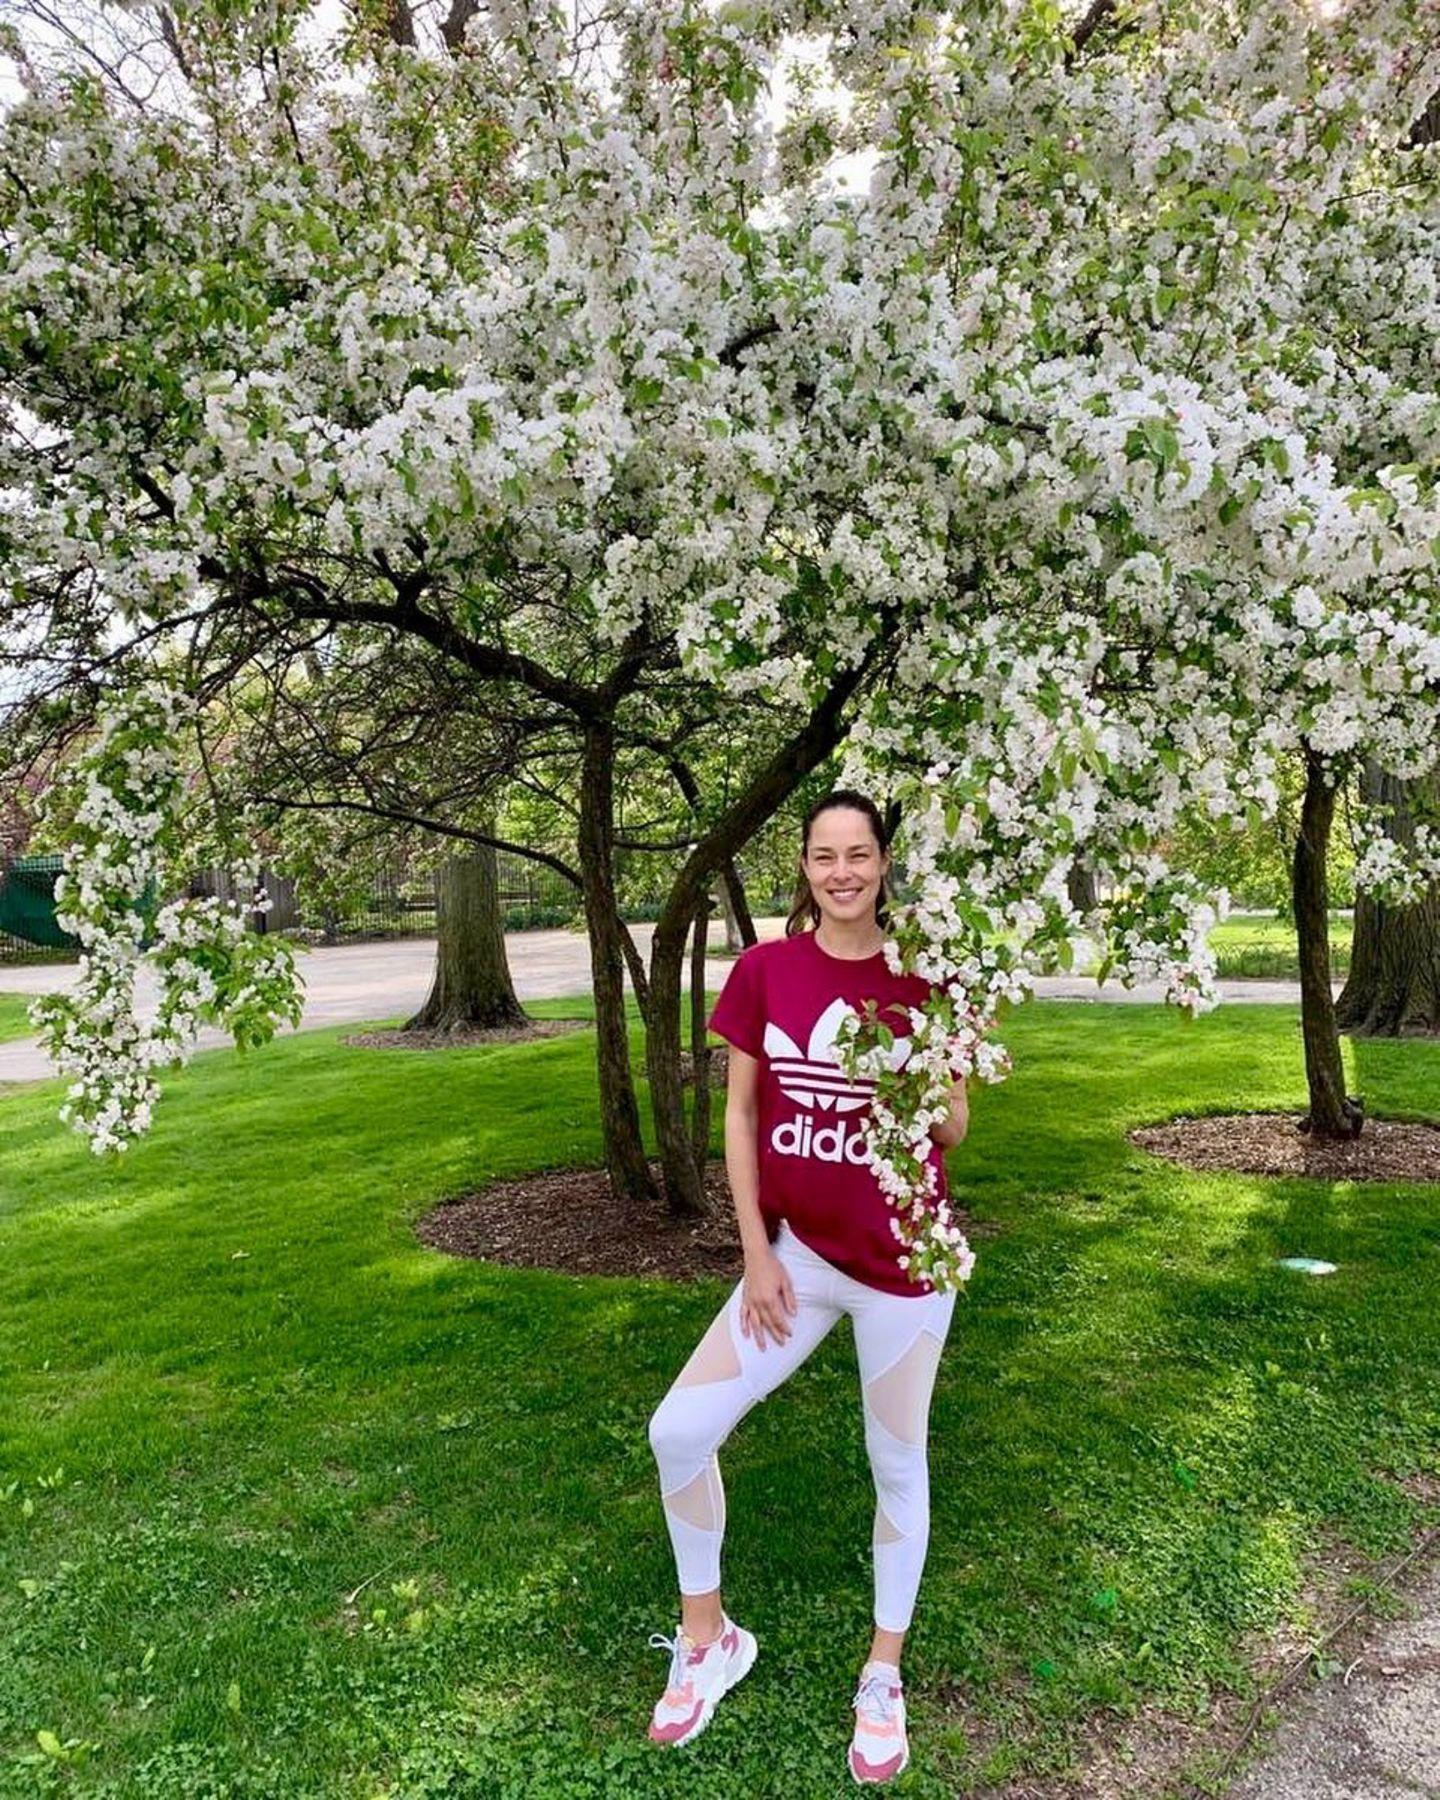 """In einer hellen Leggins mit Mesh-Einsätzen und einem roten Adidas-Shirt posiert Ana Ivanovic vor einem blühenden Baum. """"Der Frühling besucht uns in Chicago"""", schreibt sie zu dem Foto - und das sieht man!"""